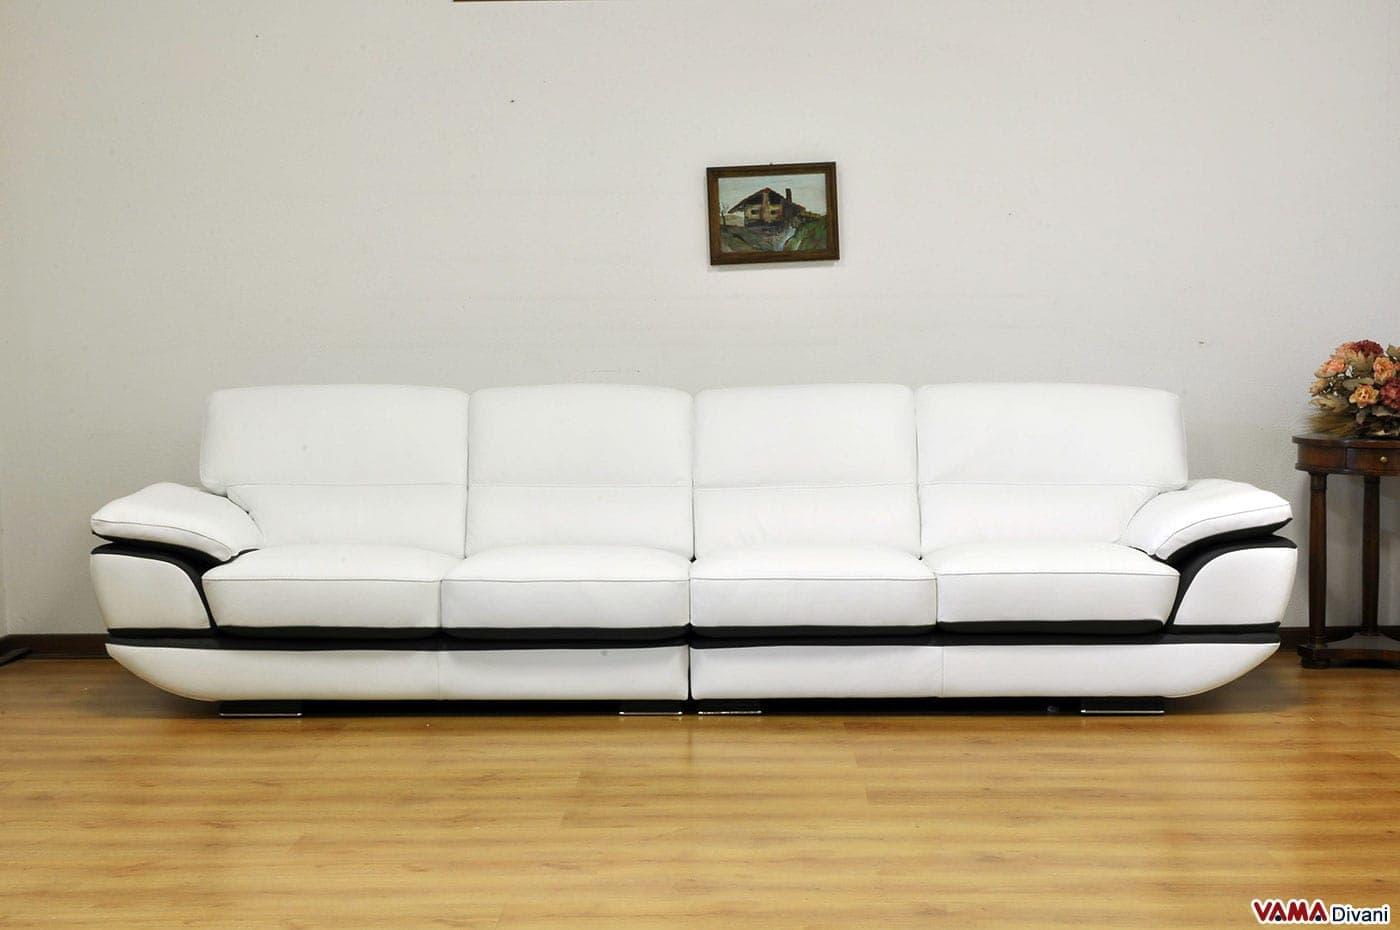 Realizzazione divani su disegno richiedi un preventivo vama divani